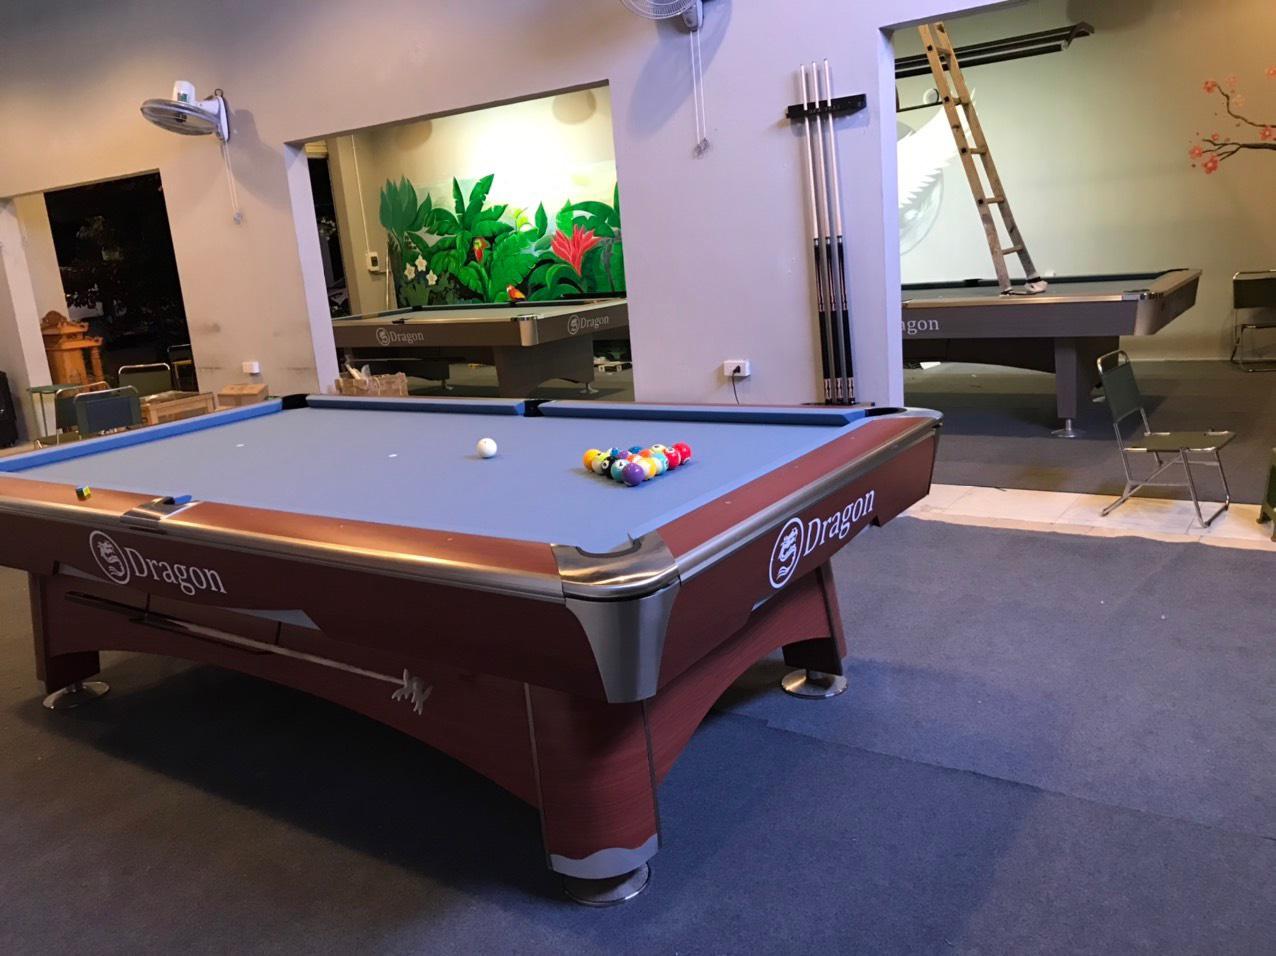 Billiards Hoàn Thúy lắp đặt 2 bàn dragon và bàn 9021 tại Hạ Long, Quảng Ninh